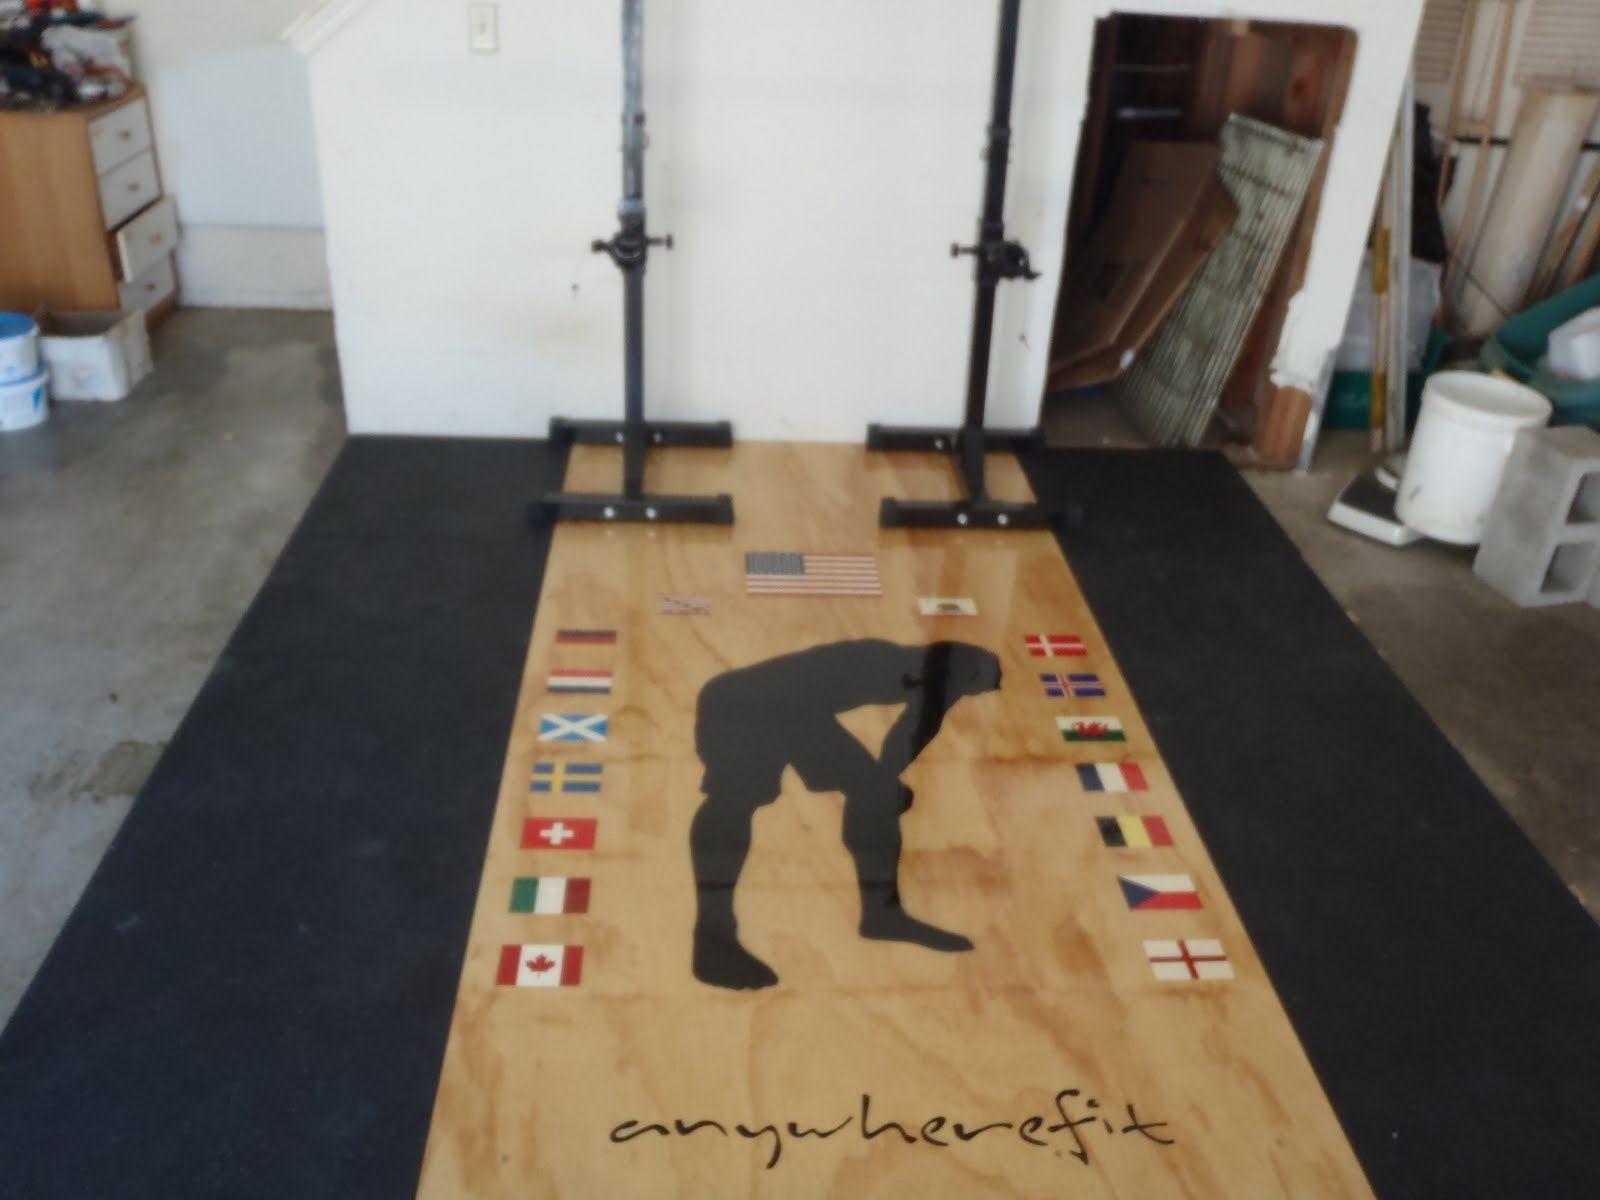 Garage Gym Flooring Ideas Garage Gym Garage Gym Flooring Gym Flooring